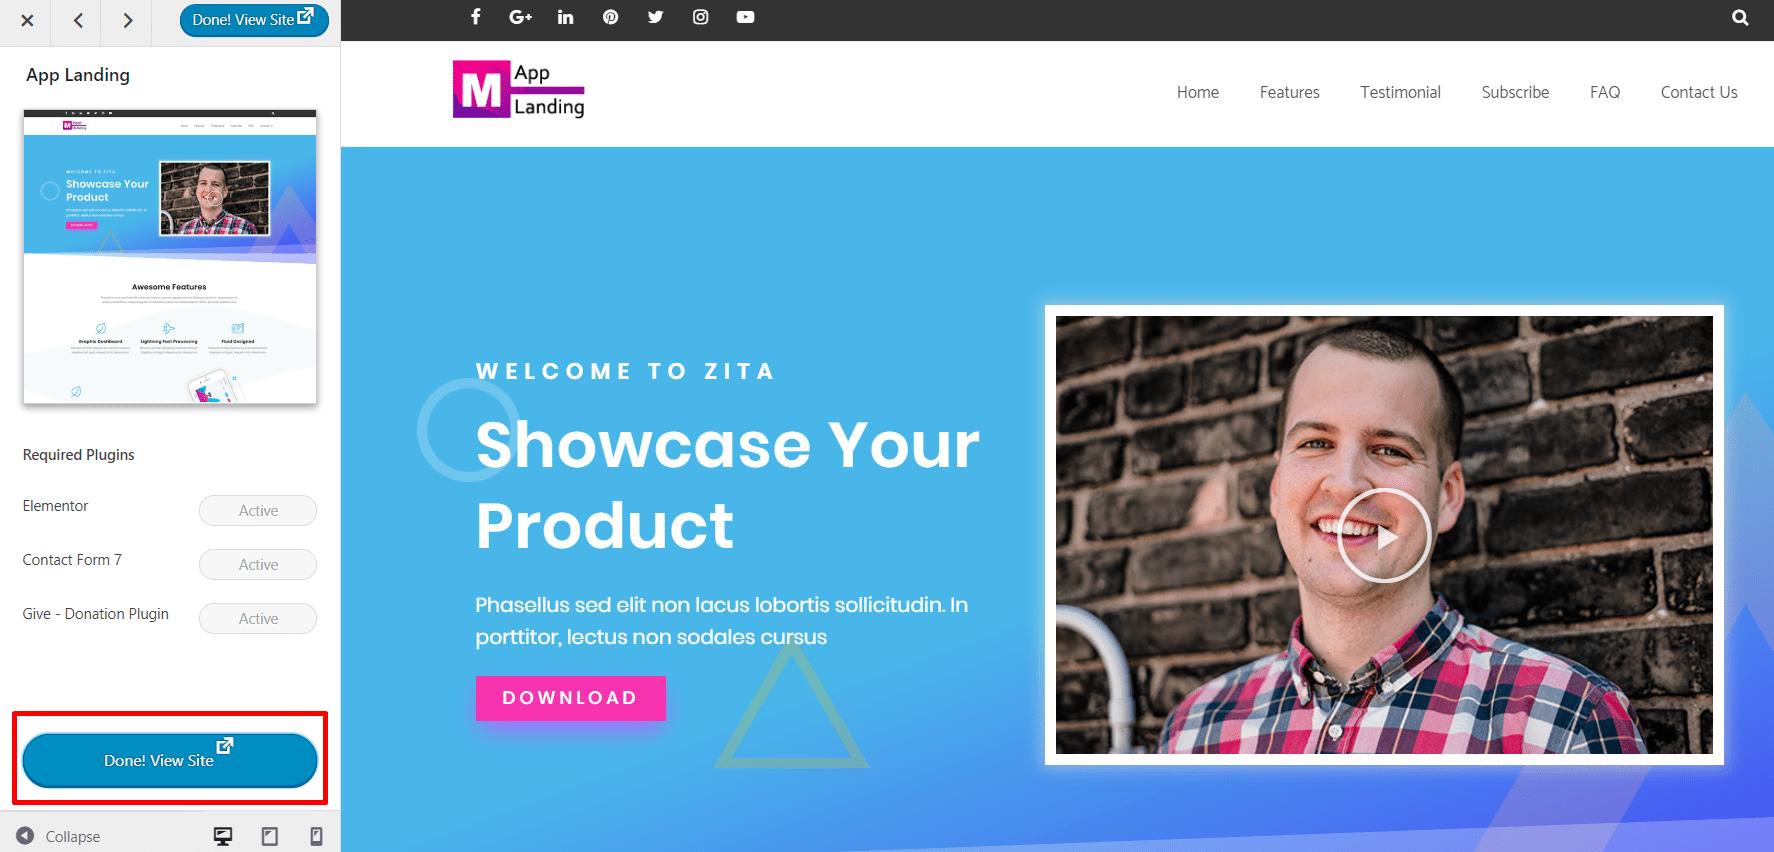 Screenshot 60 - Hướng dẫn tự thiết kế website không cần dùng code cho người mới bắt đầu từ A-Z